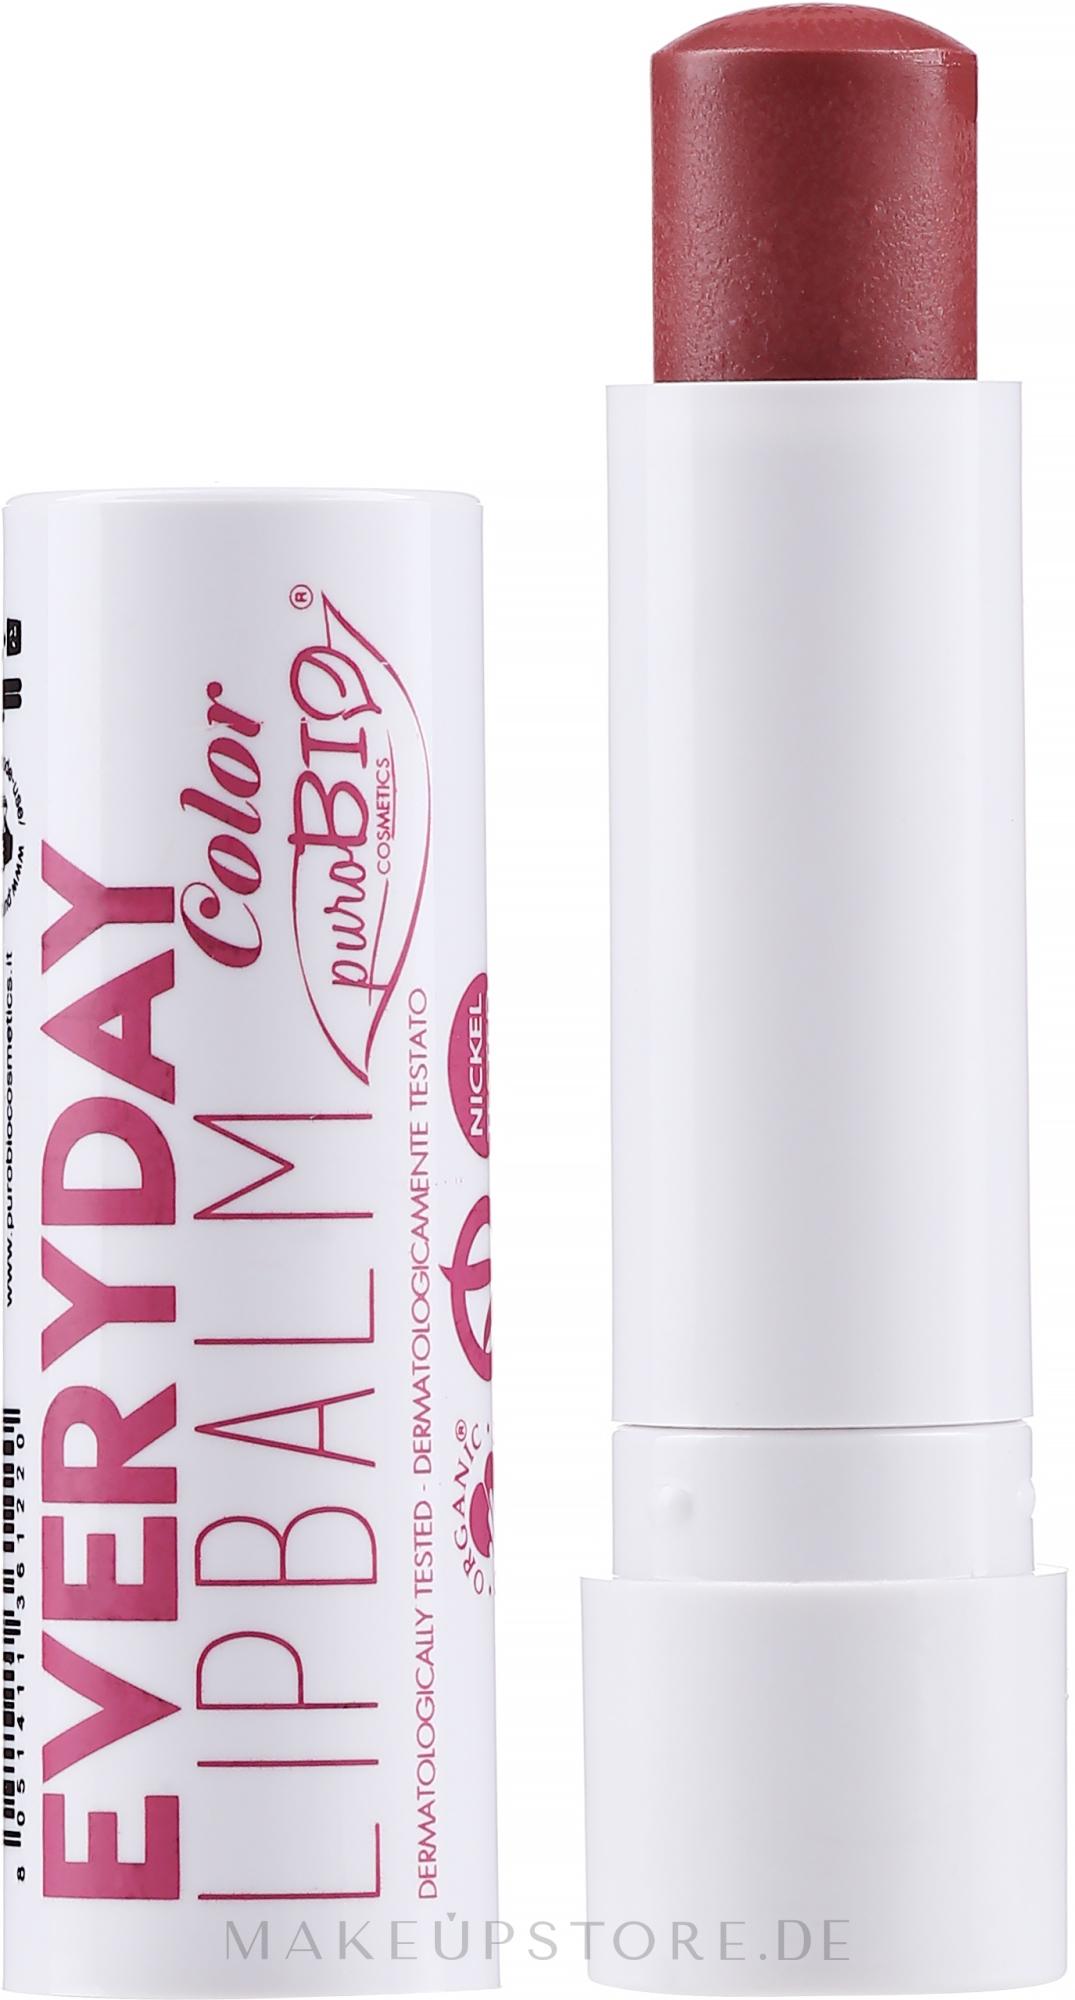 Lippenbalsam mit Farbe für täglichen Gebrauch - PuroBio Cosmetics Everyday Color Lip Balm — Bild 03